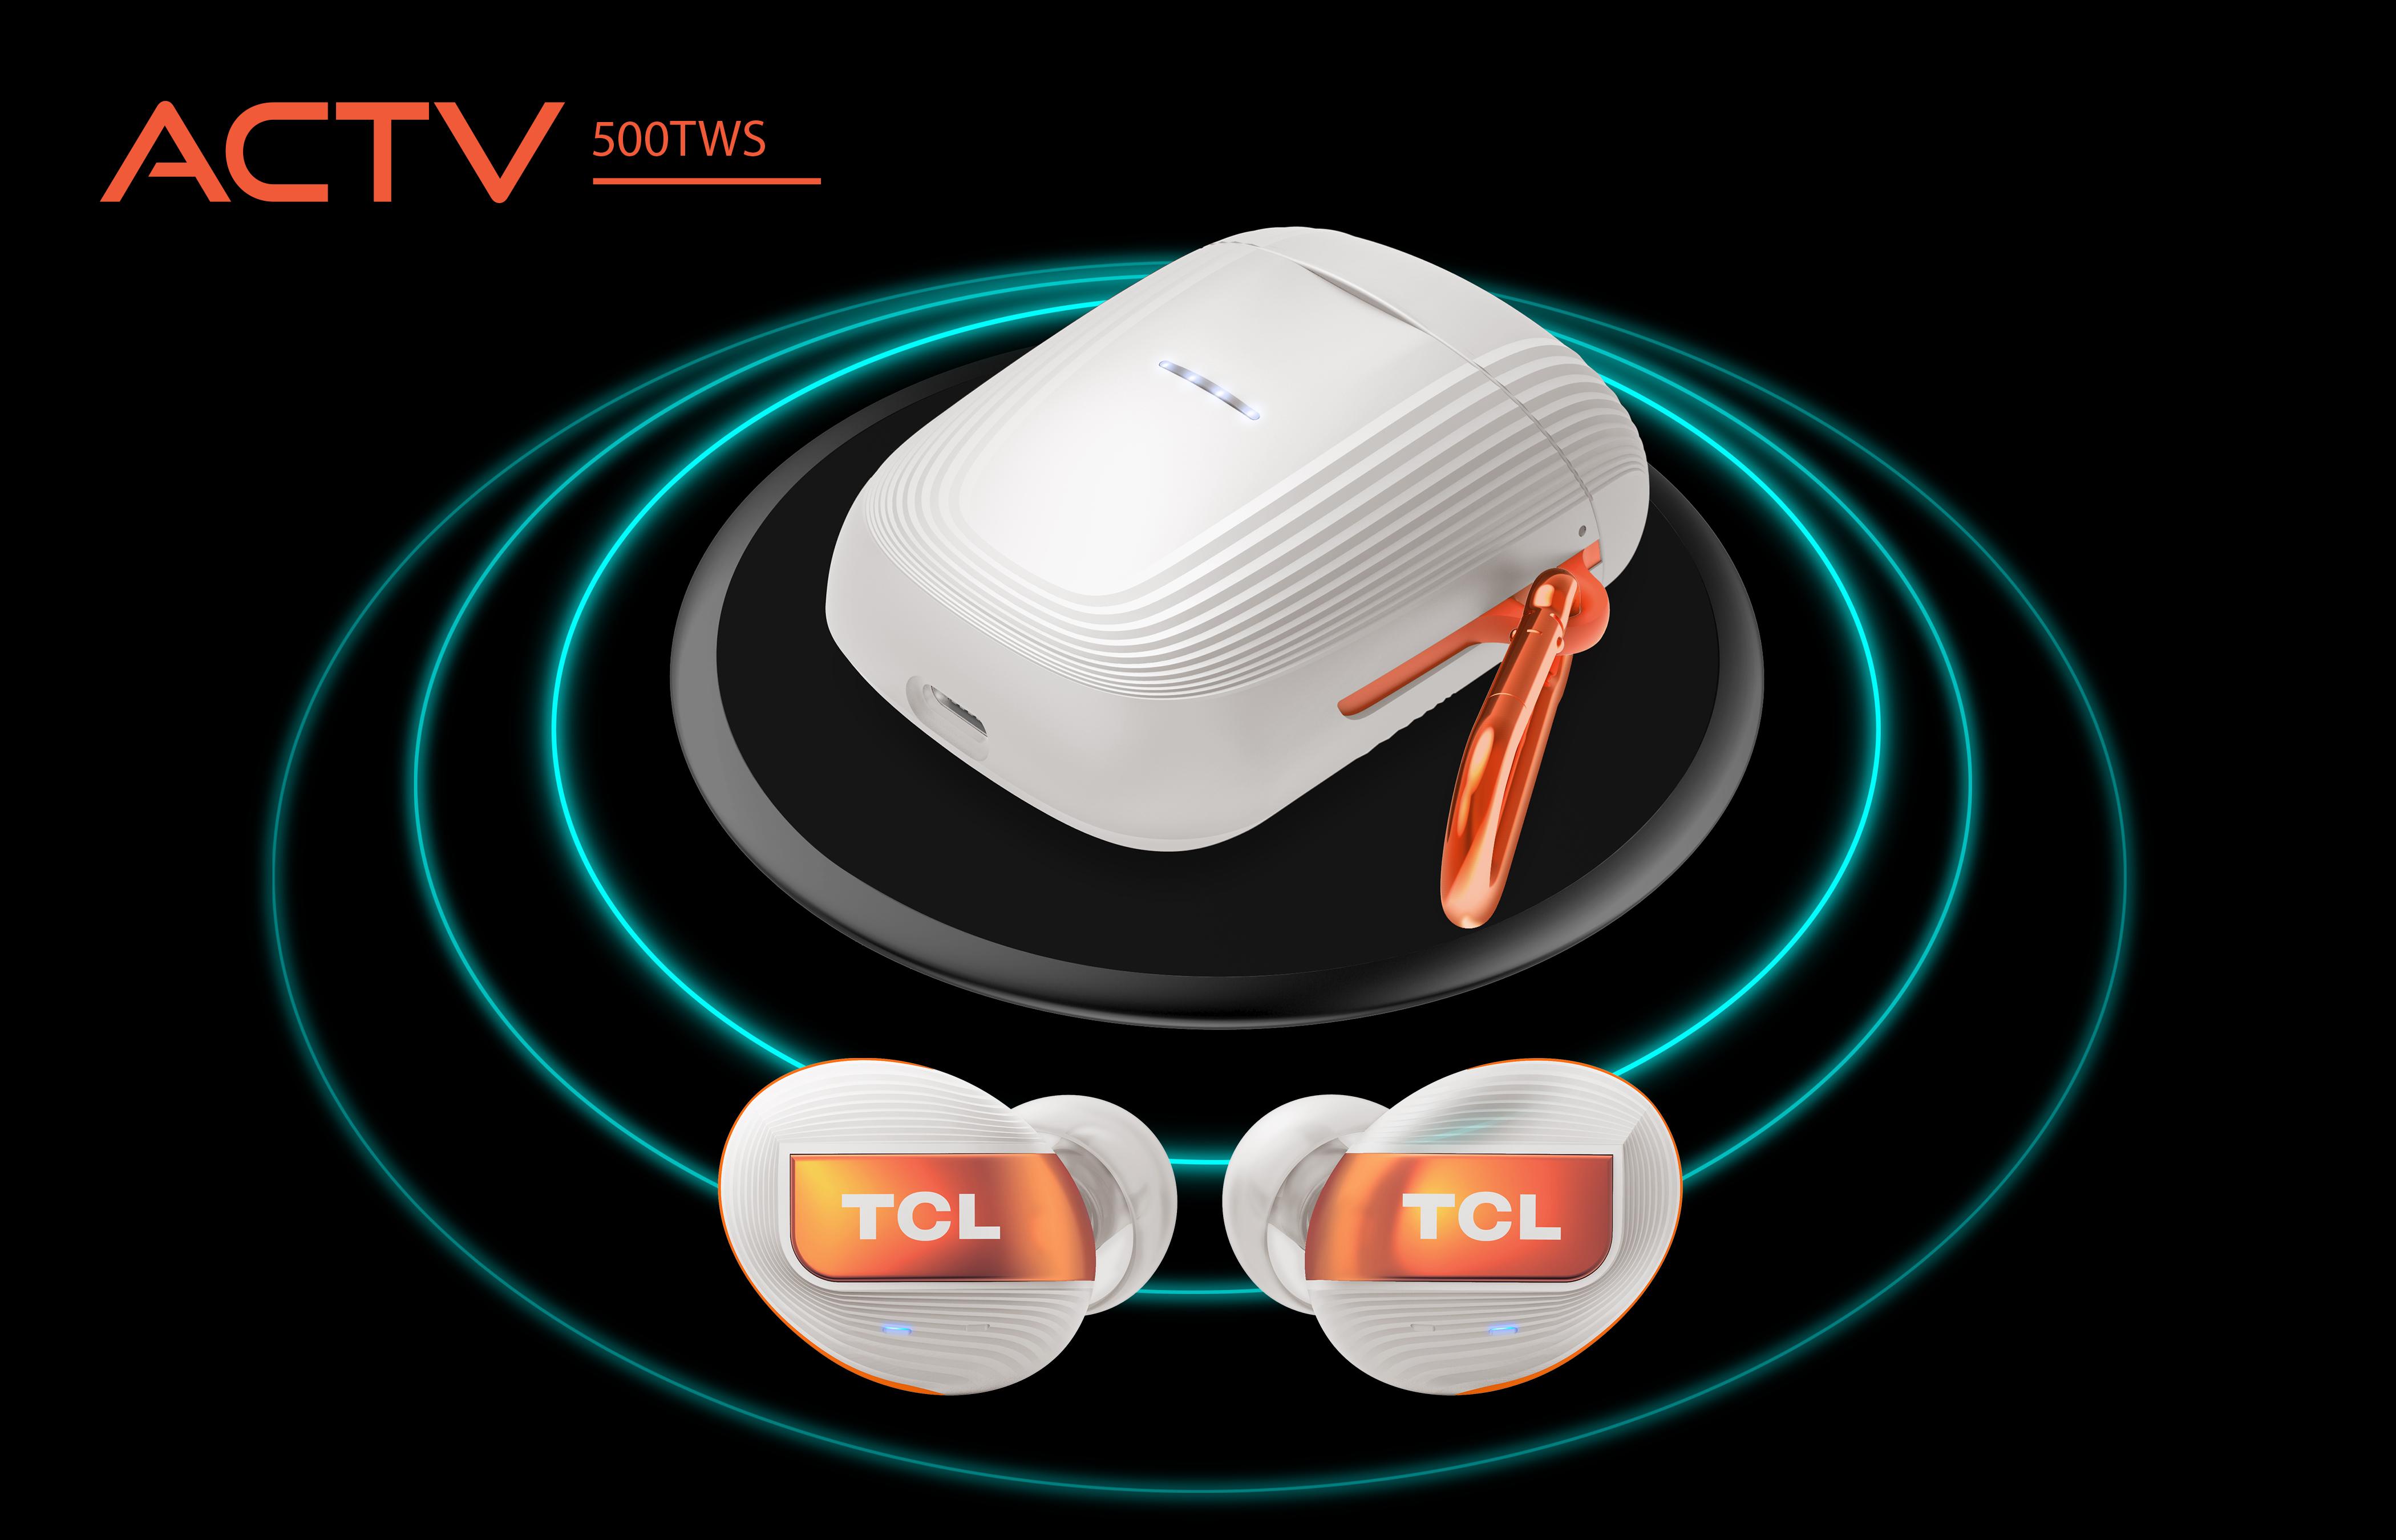 ACTV500TWS